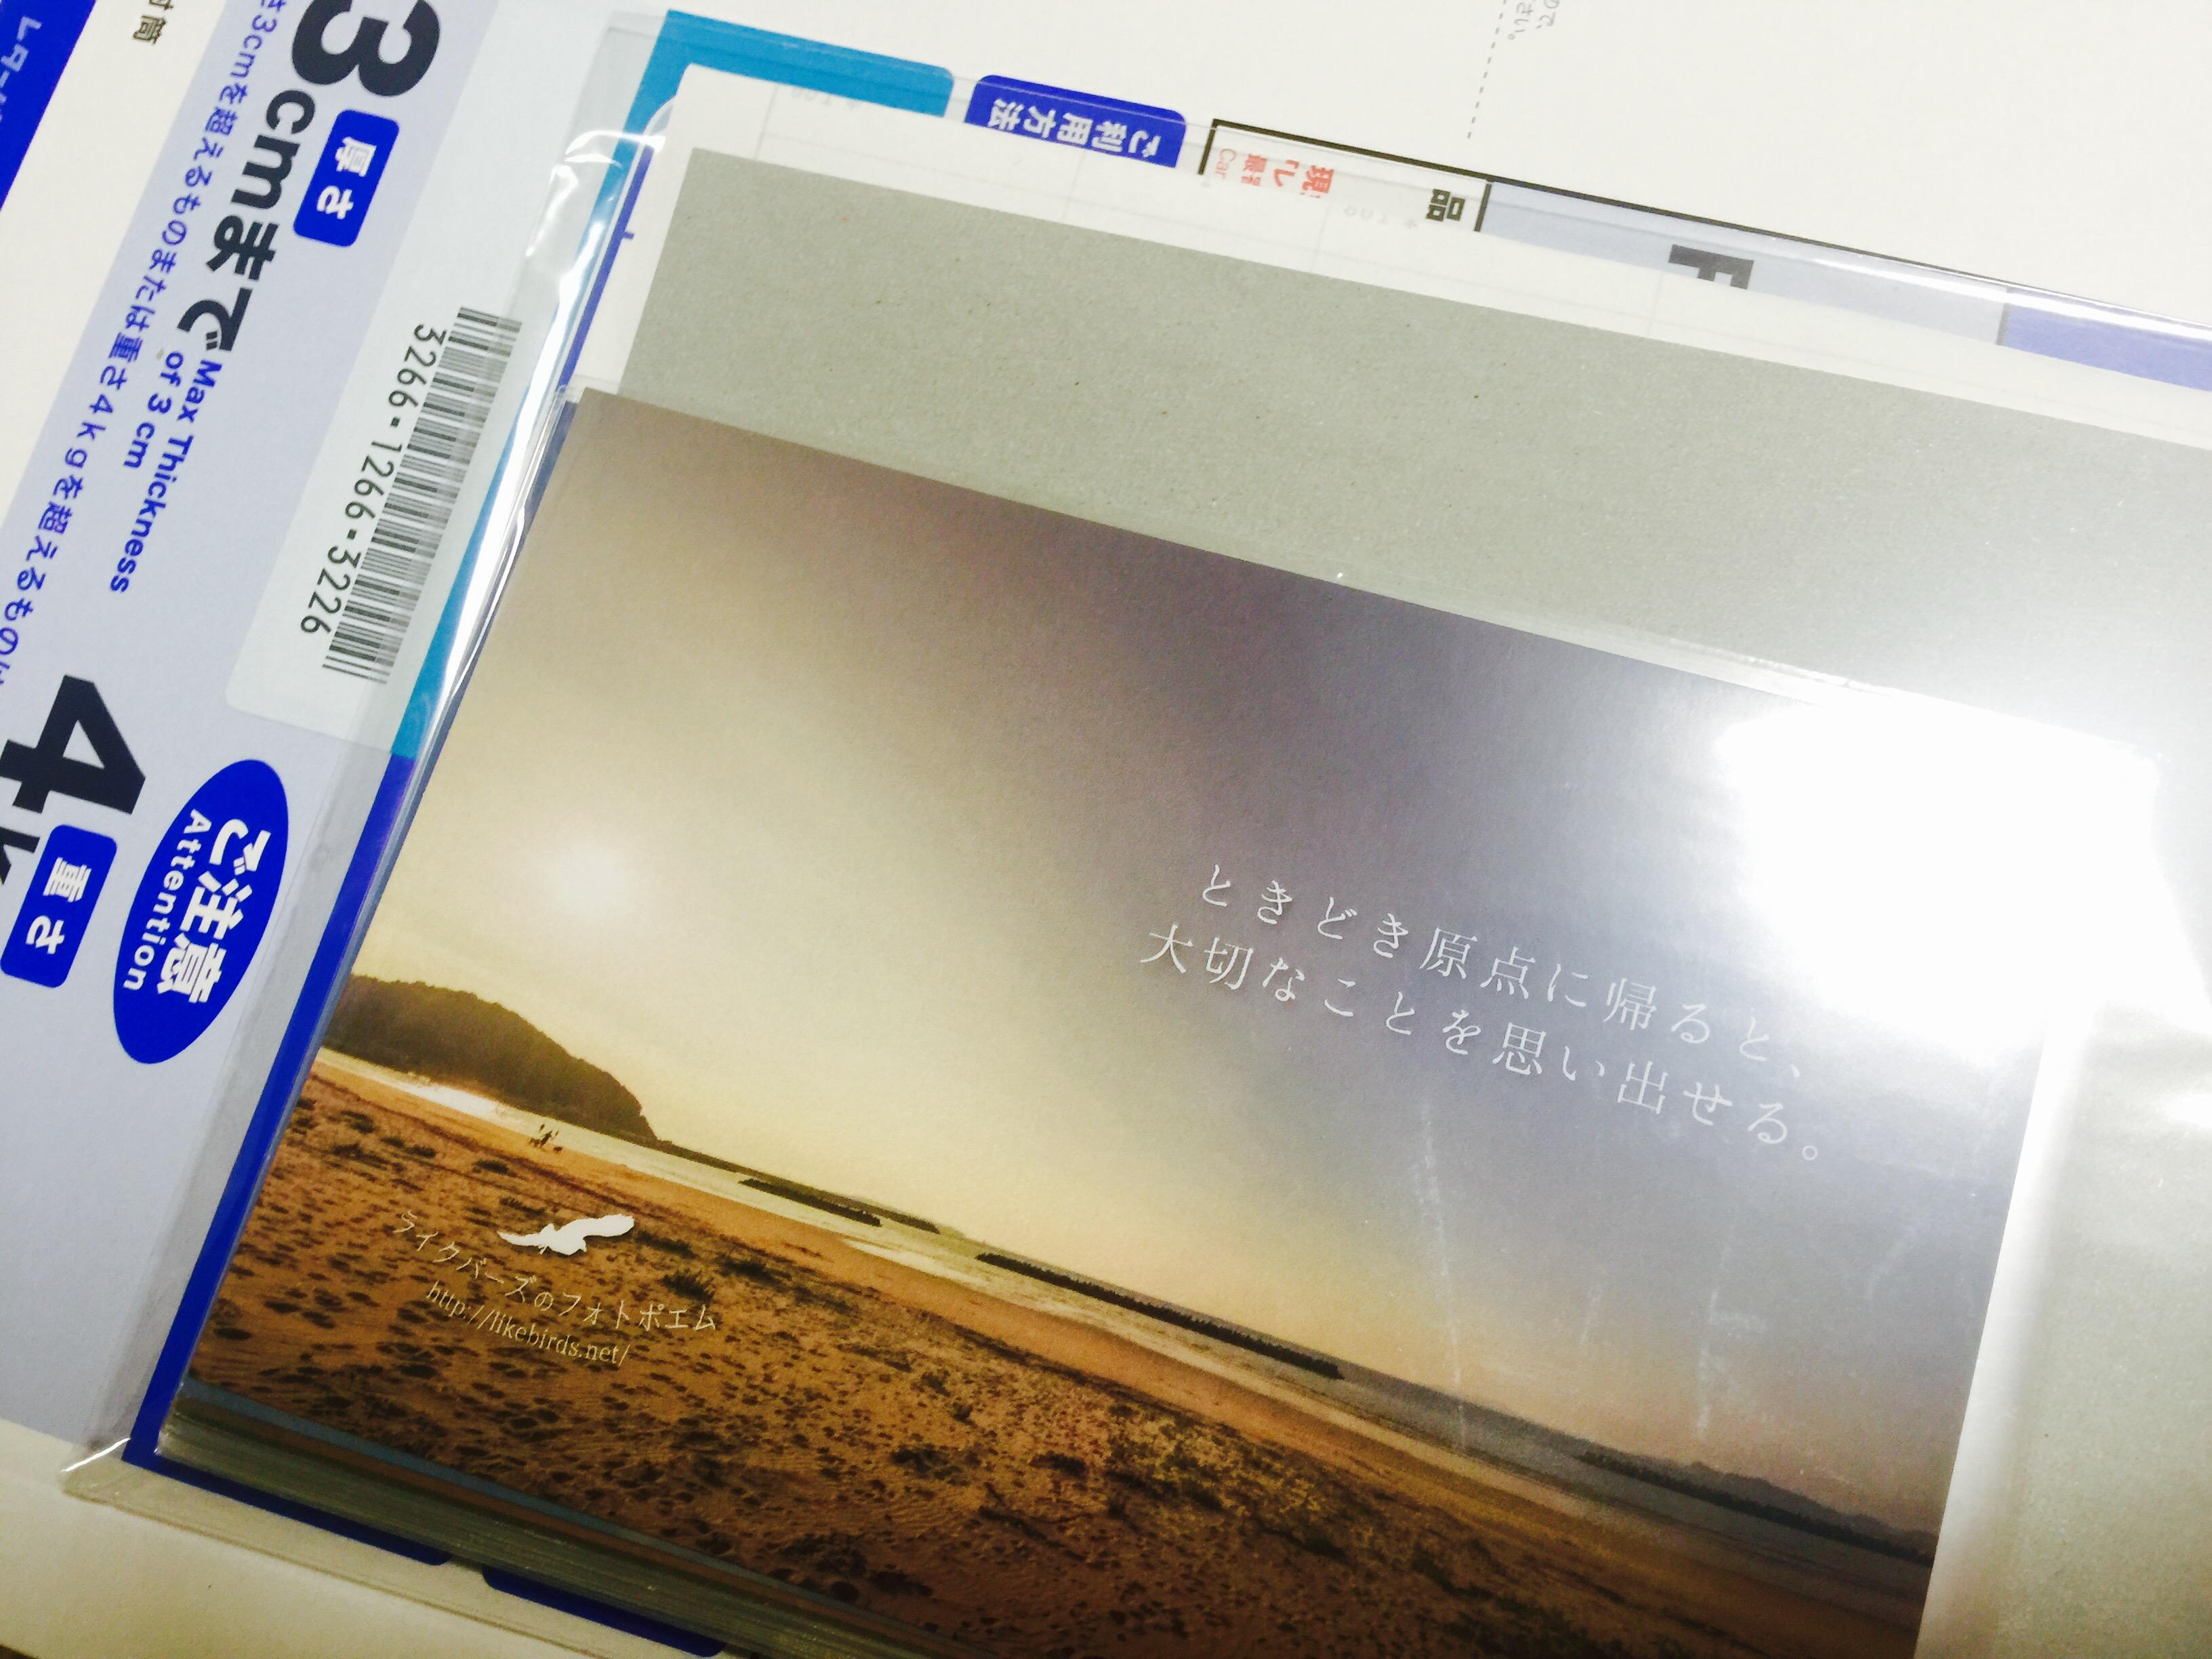 先日、神奈川県からご購入いただいたお客様への発送の様子(^^)